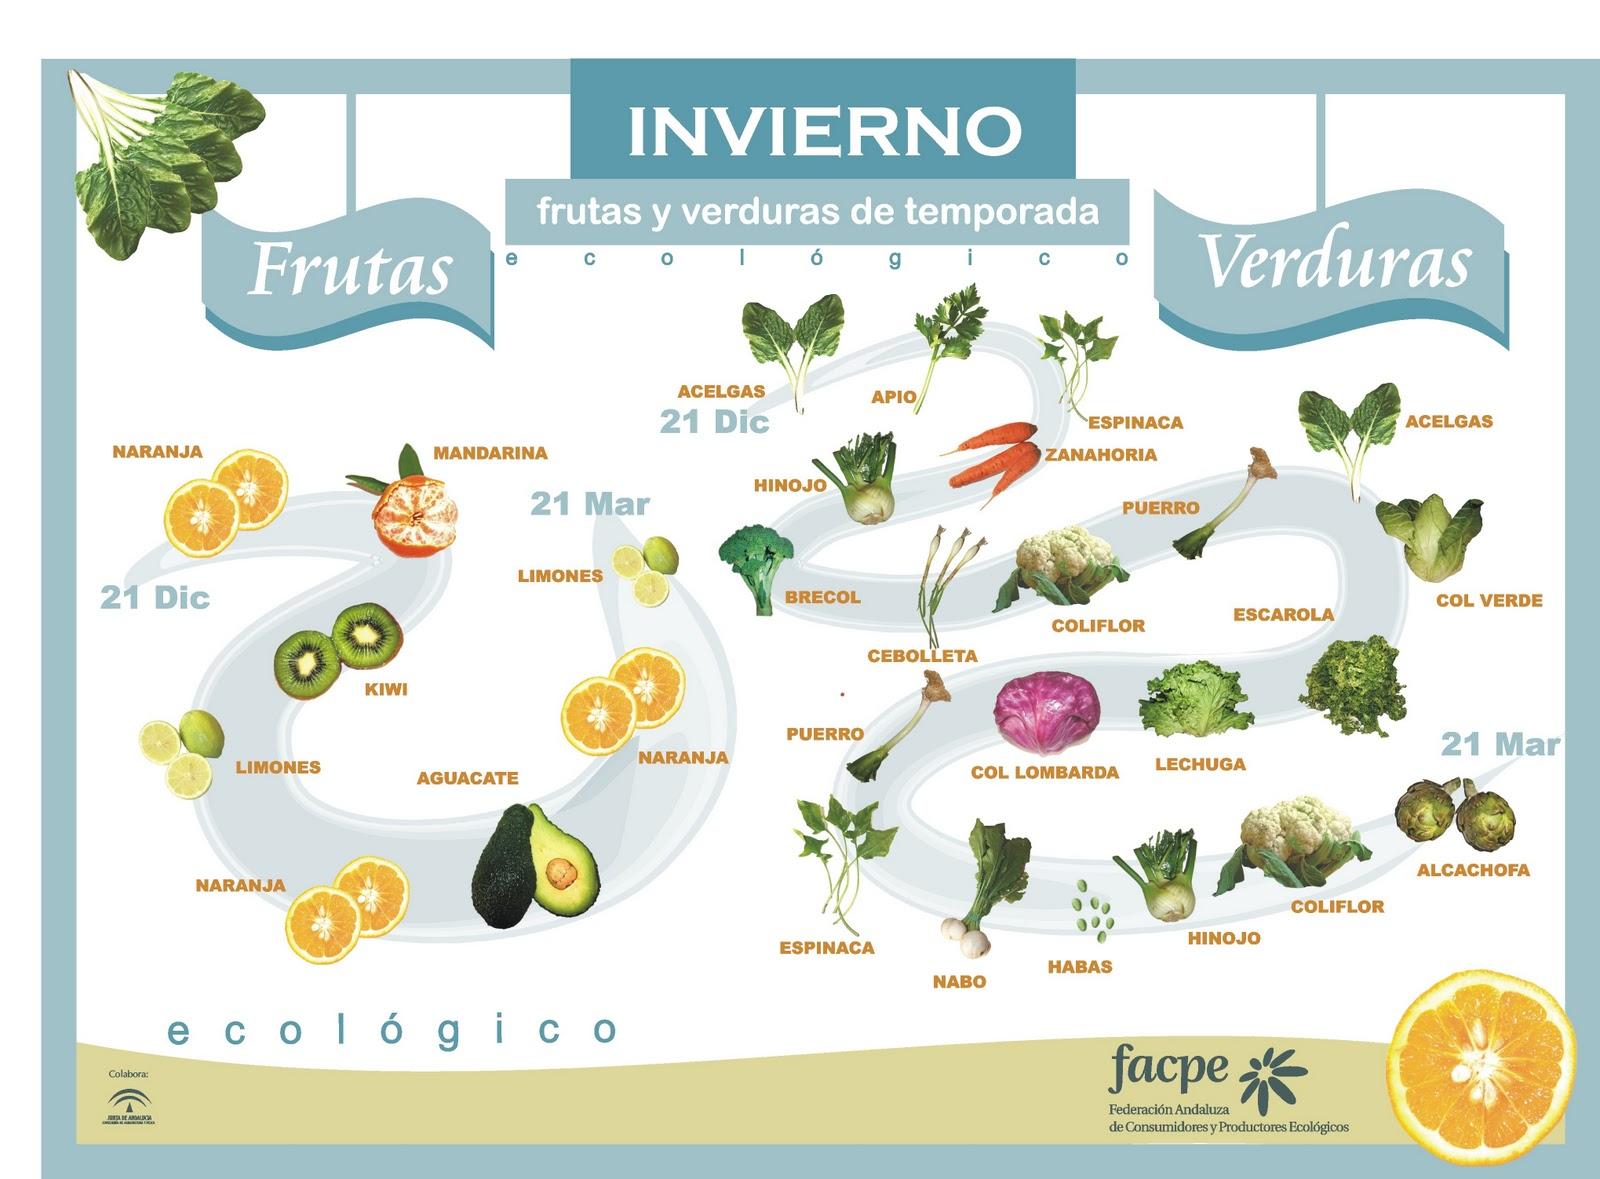 Frutas y Verduras - Invierno